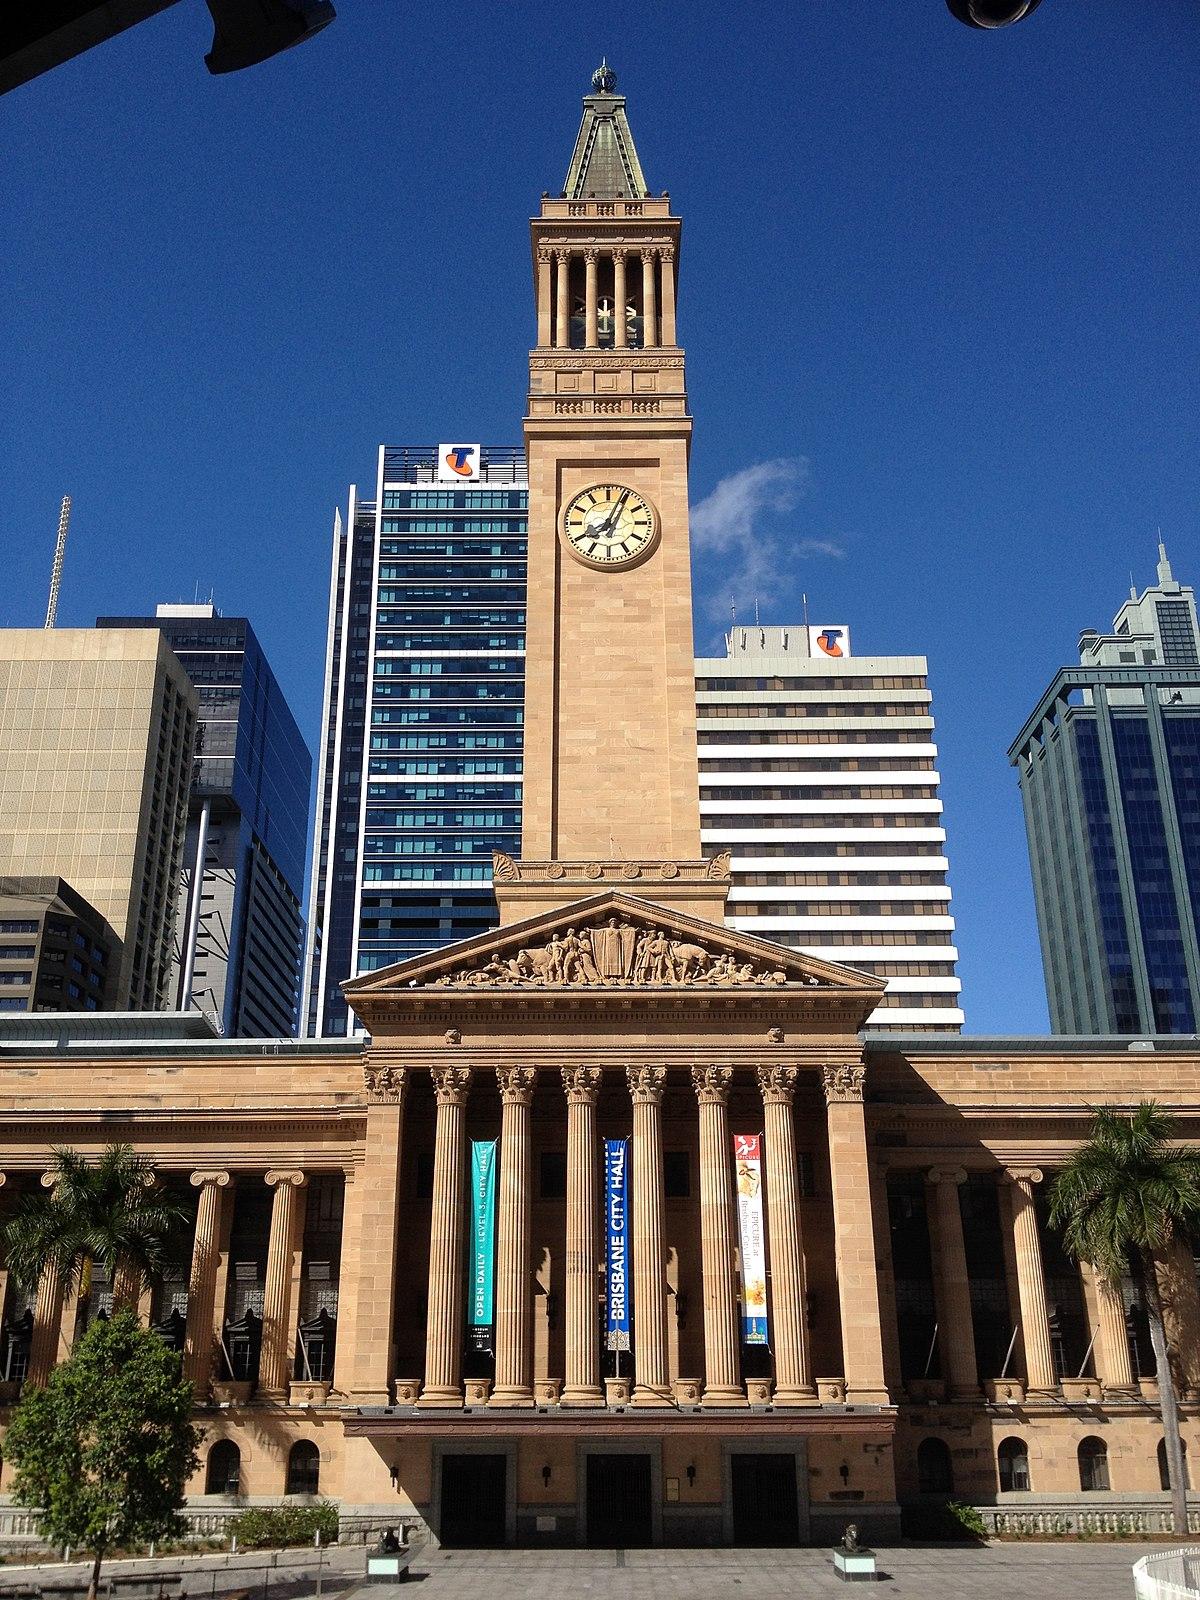 Brisbane City Hall - Wikipedia